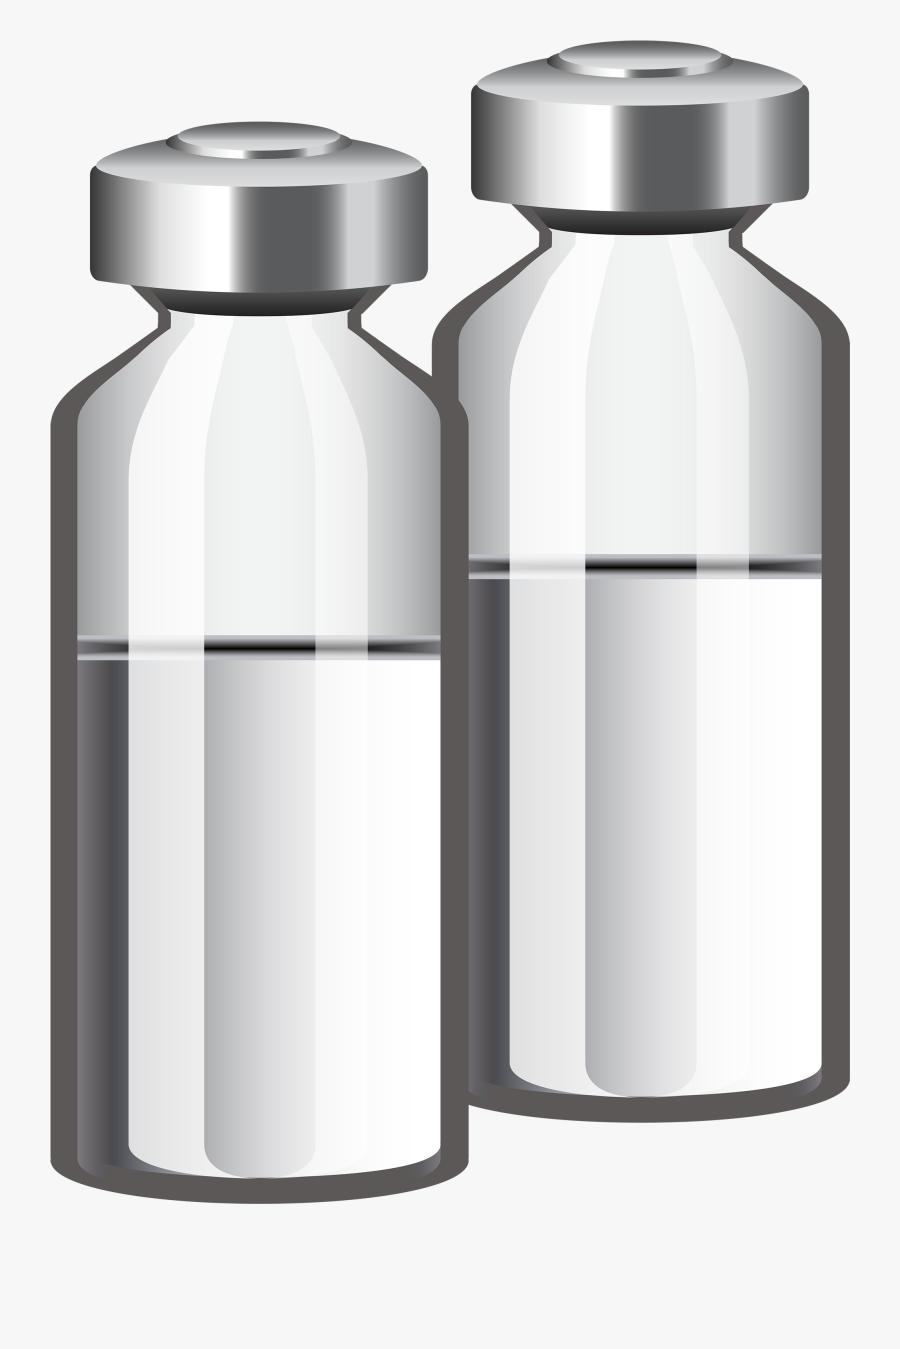 Medicine Ampoules Png Clipart - Medicine Ampoule Png, Transparent Clipart